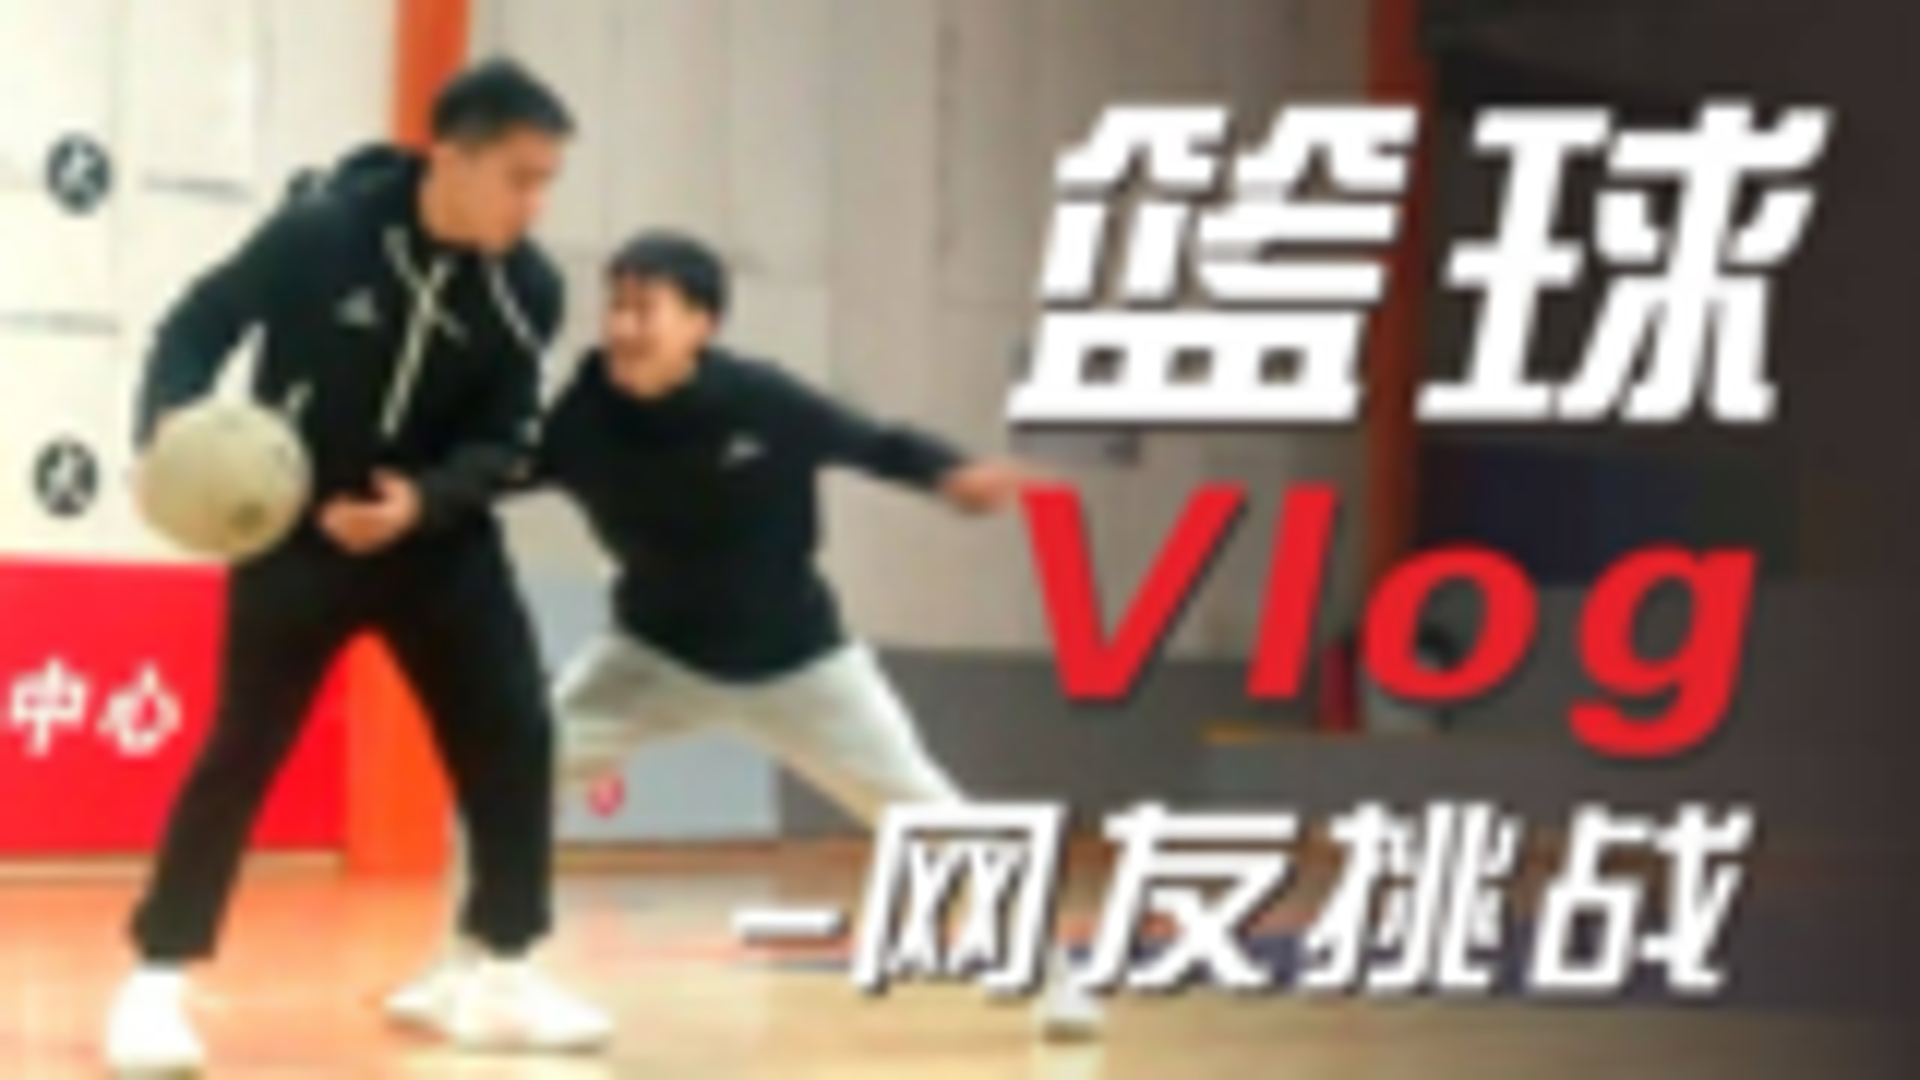 篮球vlog:小伙儿接受网友挑战,惜败一局后开启连胜模式!